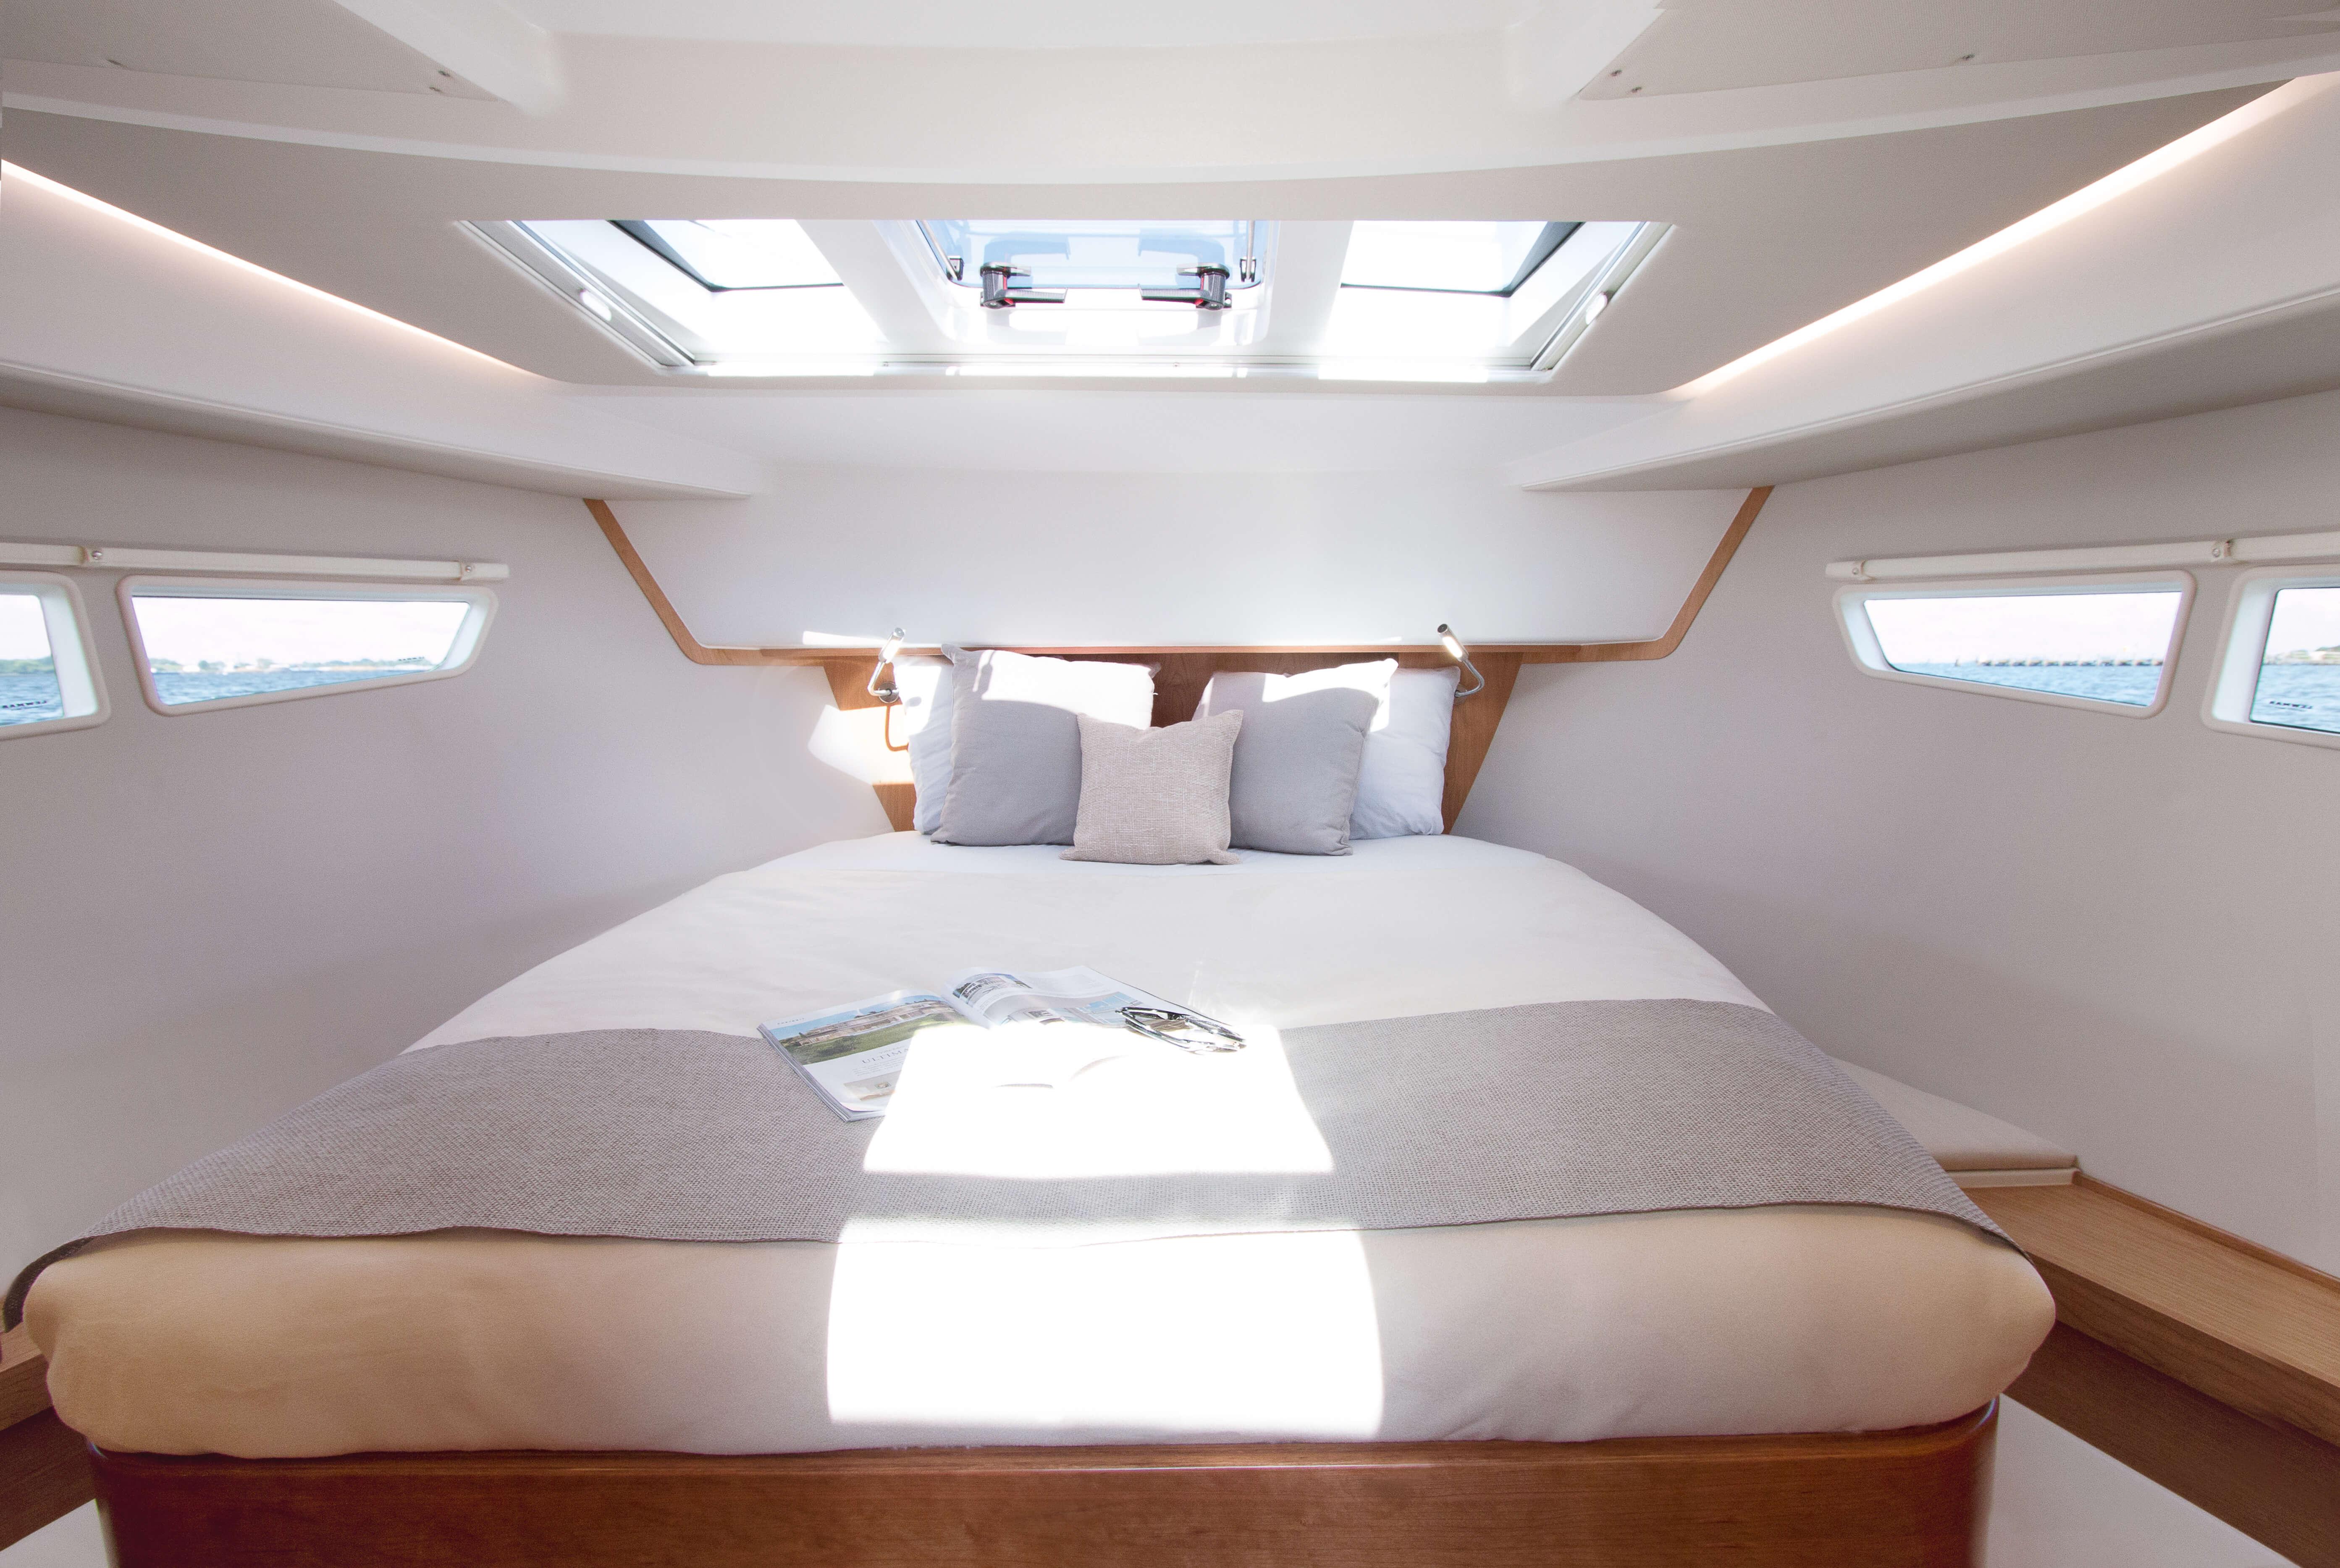 Sealine C330: Interior